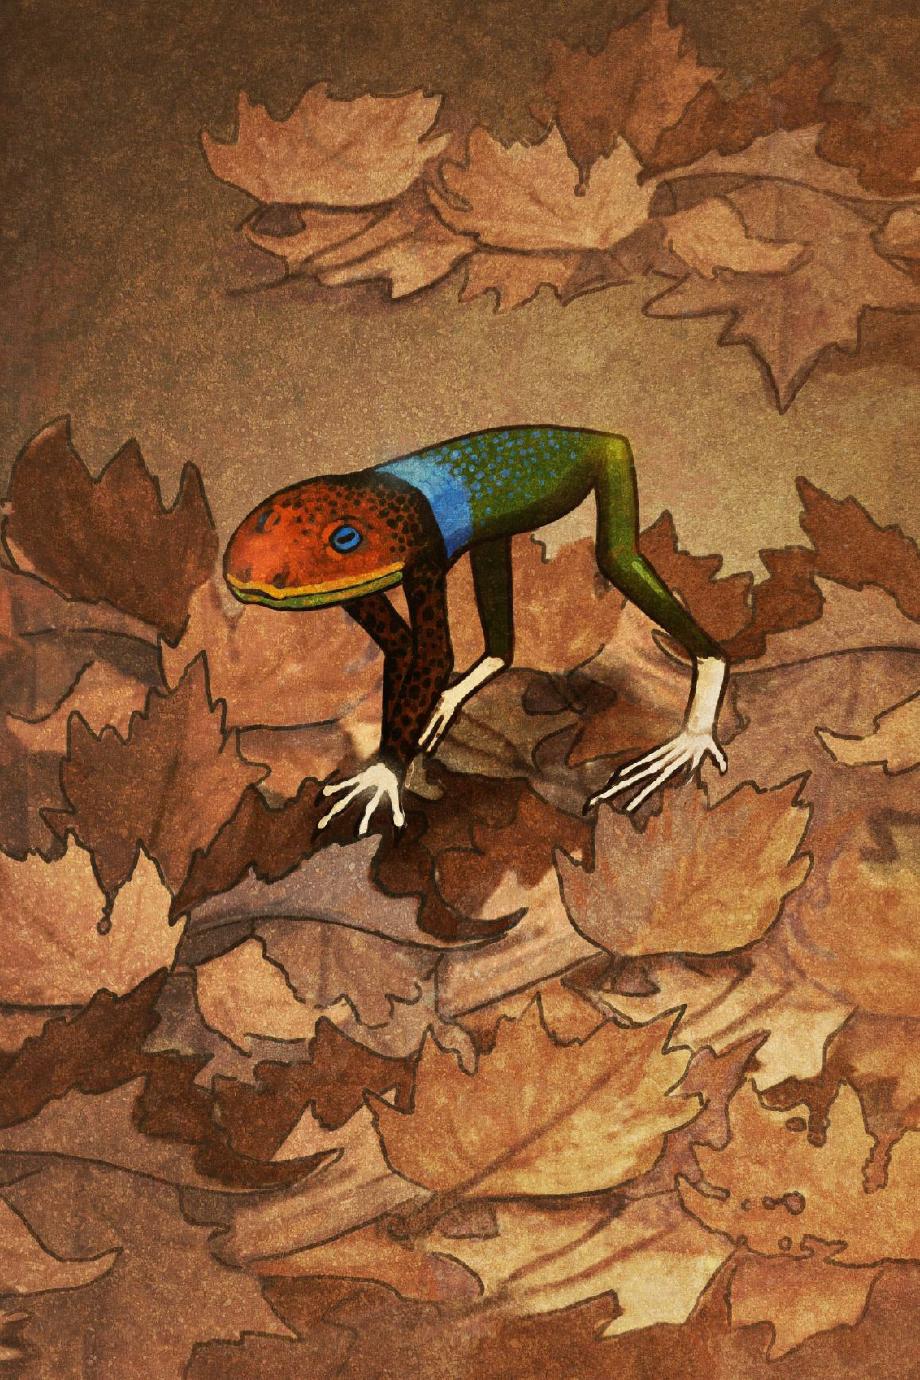 современные звери палеонтологическая реконструкция